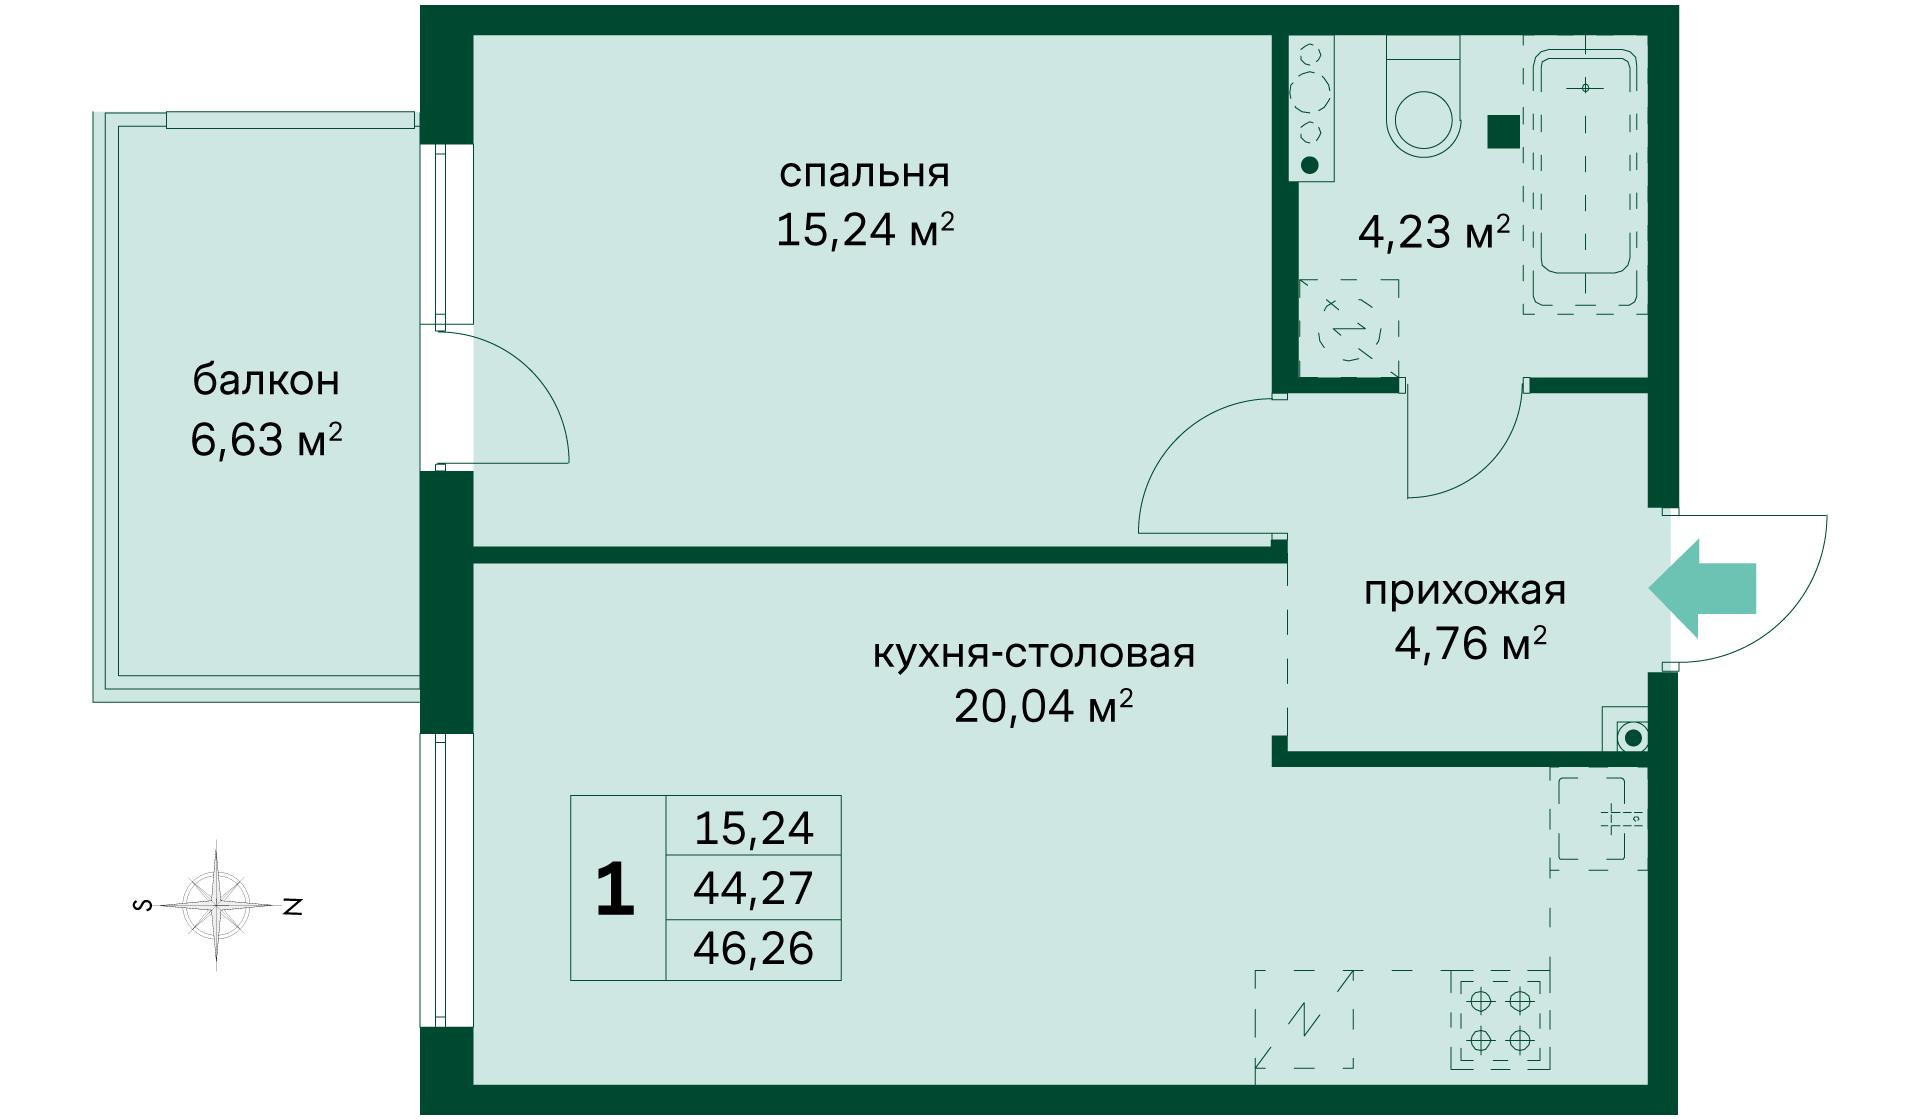 f529cc7b446d4 Купить однокомнатную квартиру такого формата — все равно что приобрести  квартиру из двух комнат.